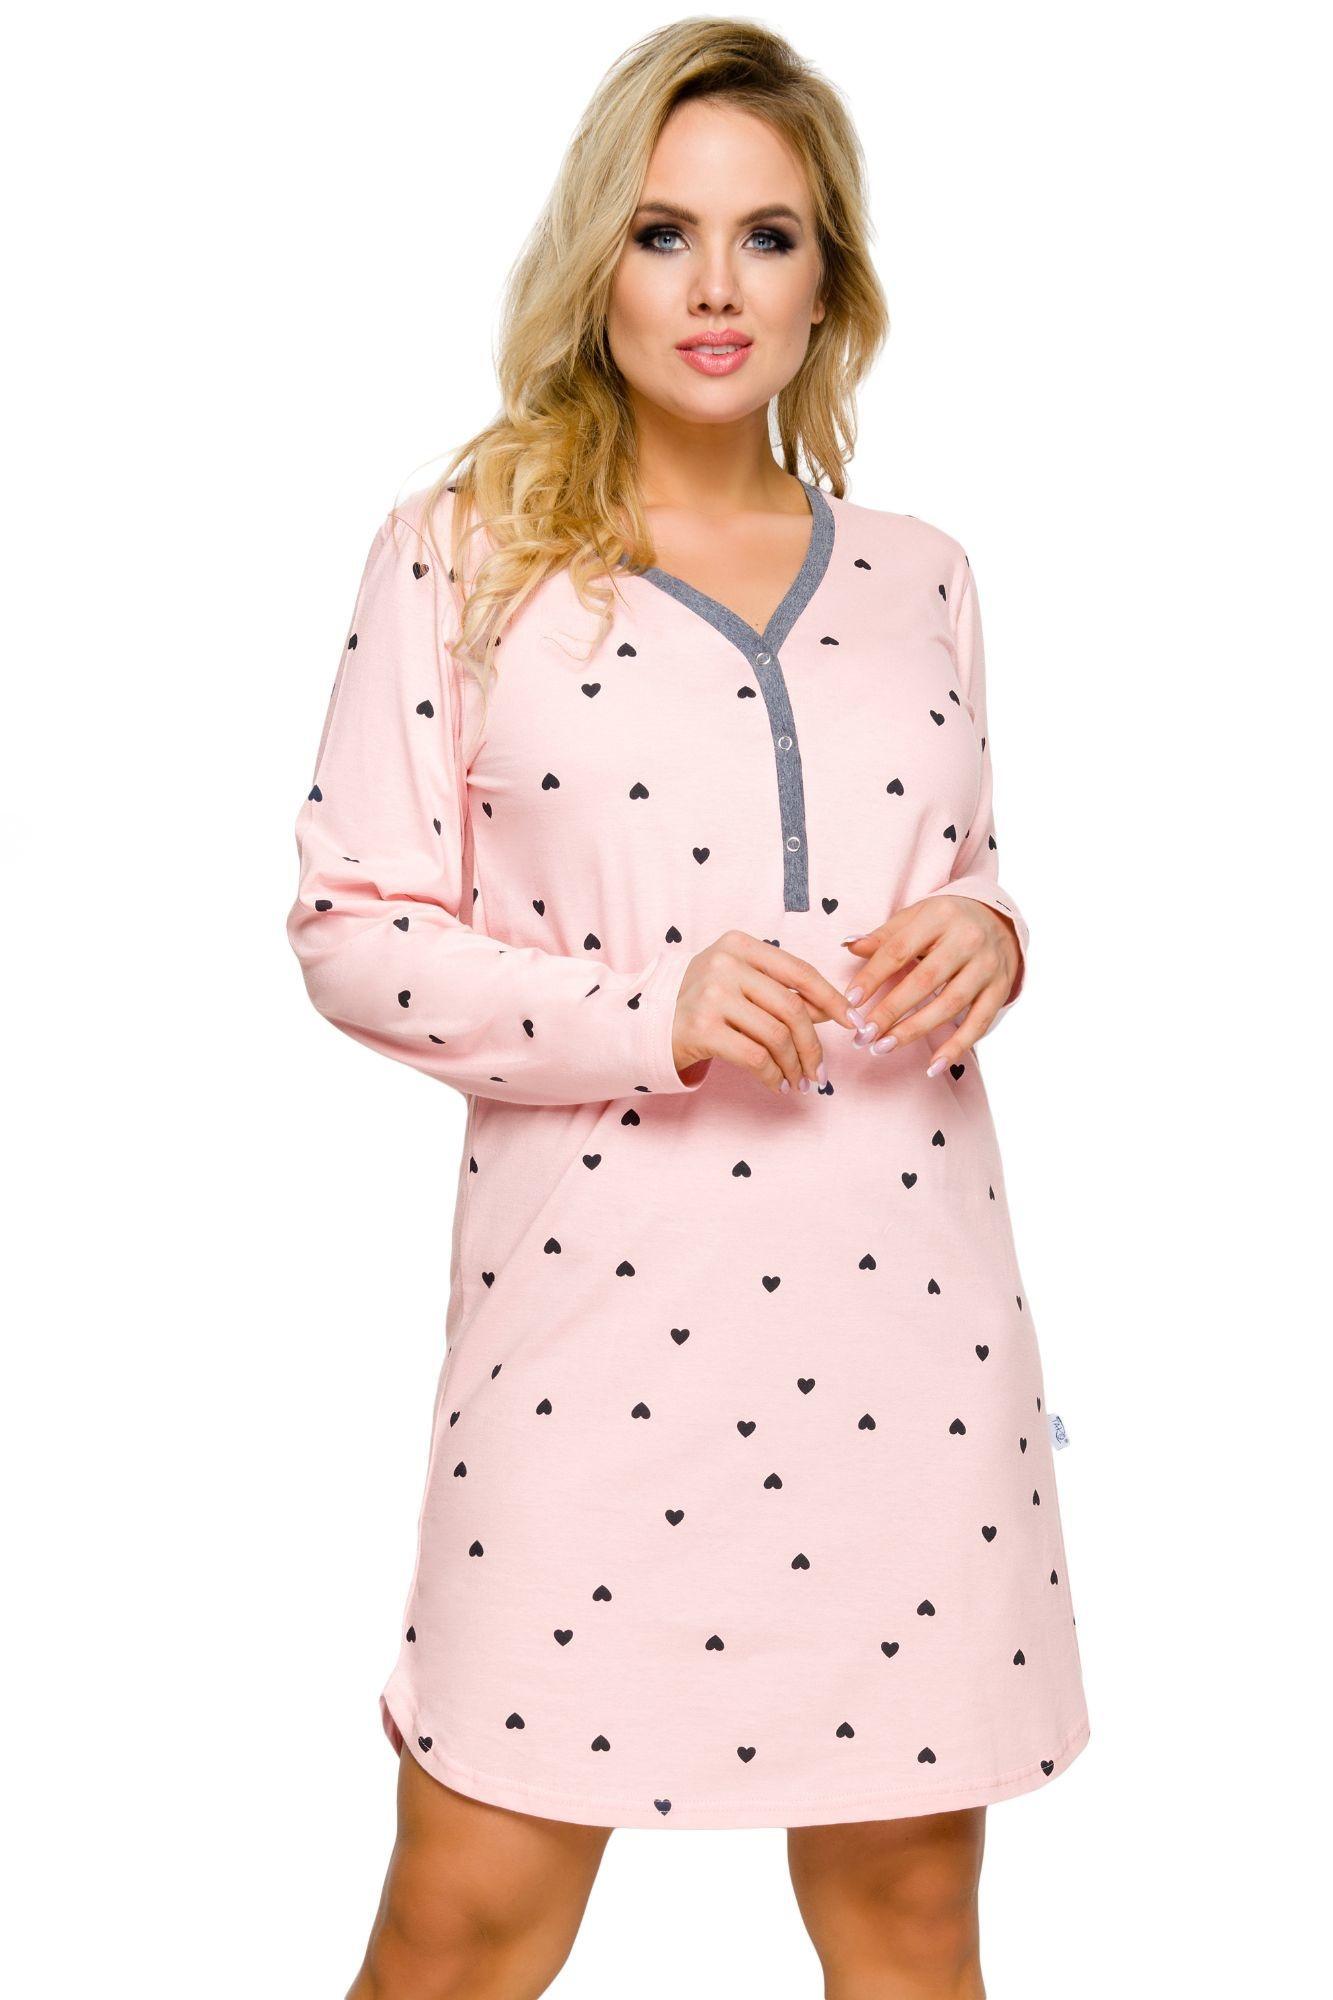 f741f42224e3 Dámska nočná košeľa Tamara ružová srdiečka - ELEGANT.sk